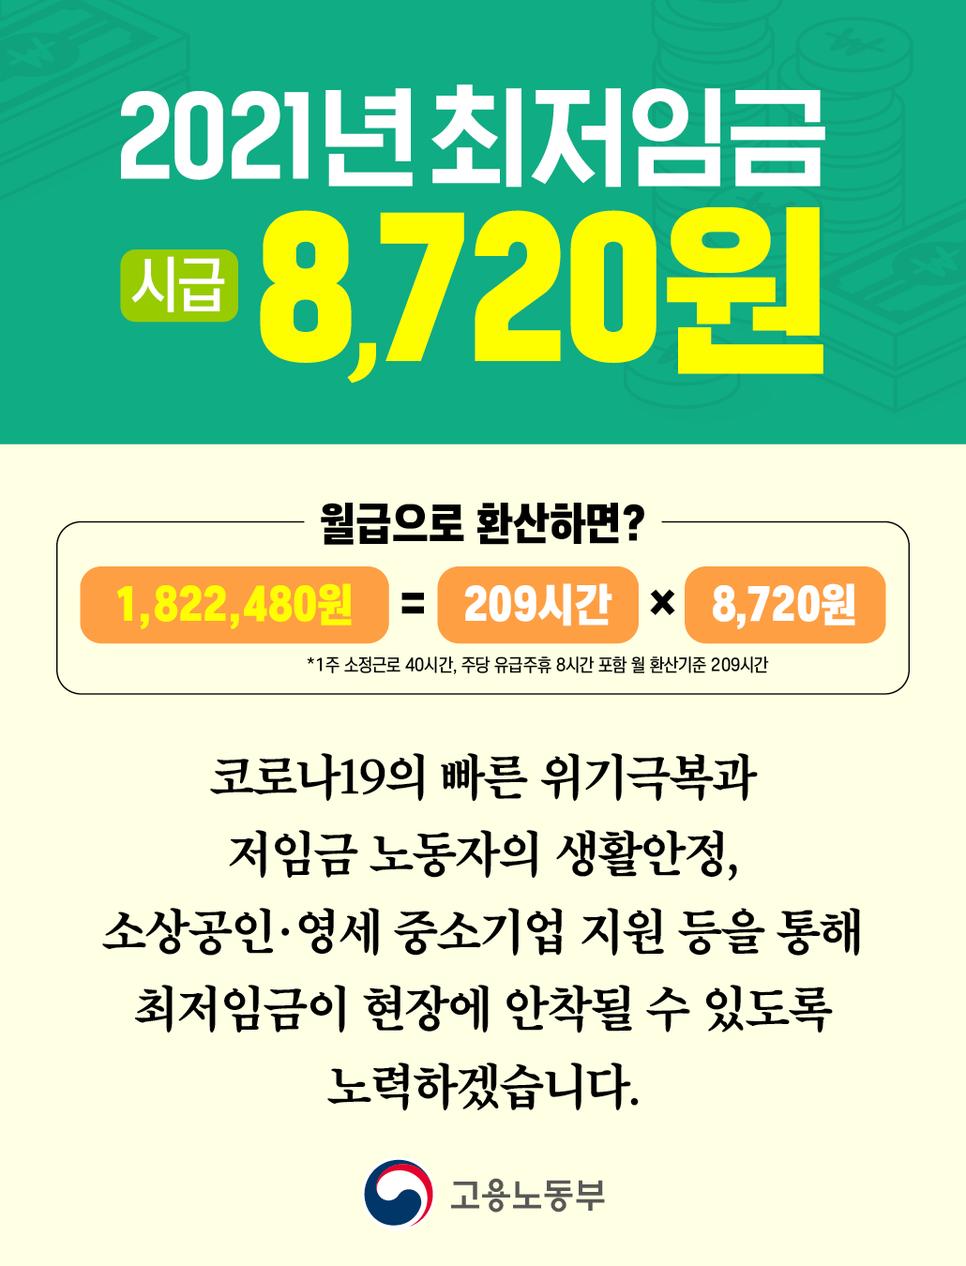 2021년 최저임금 시급 8,720원